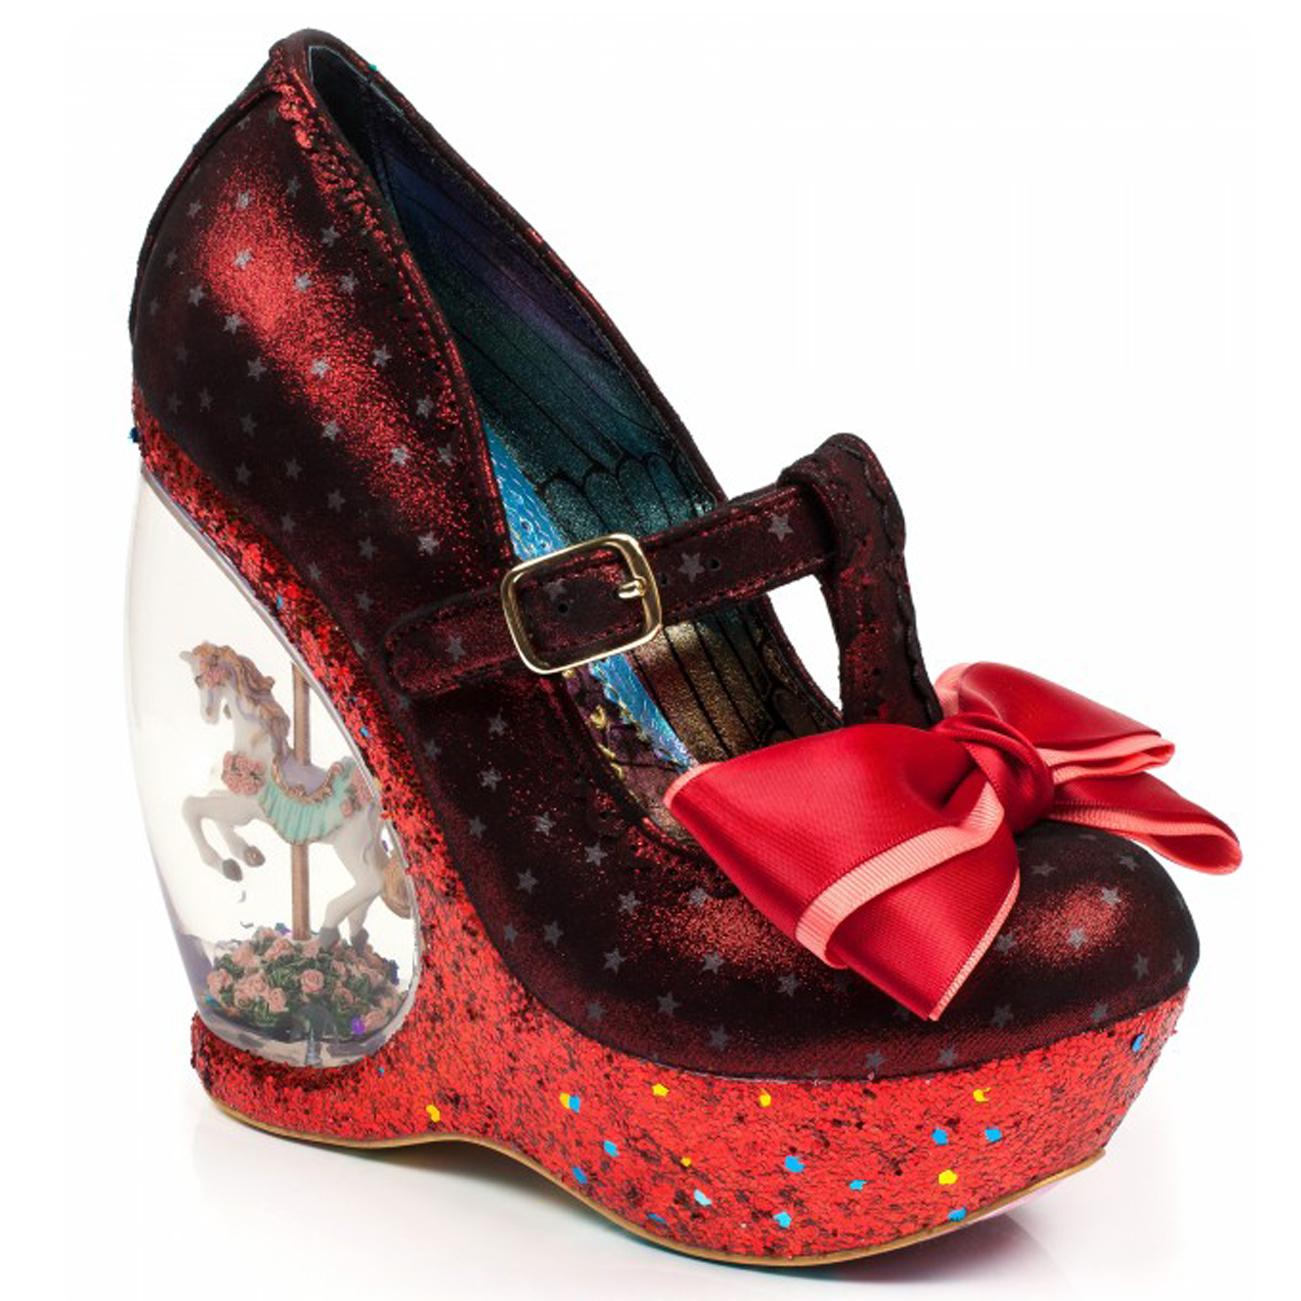 a63541d649b Womens Irregular Choice Chestnut Glitter Carousel Wedge Platform Shoes UK  3.5-8